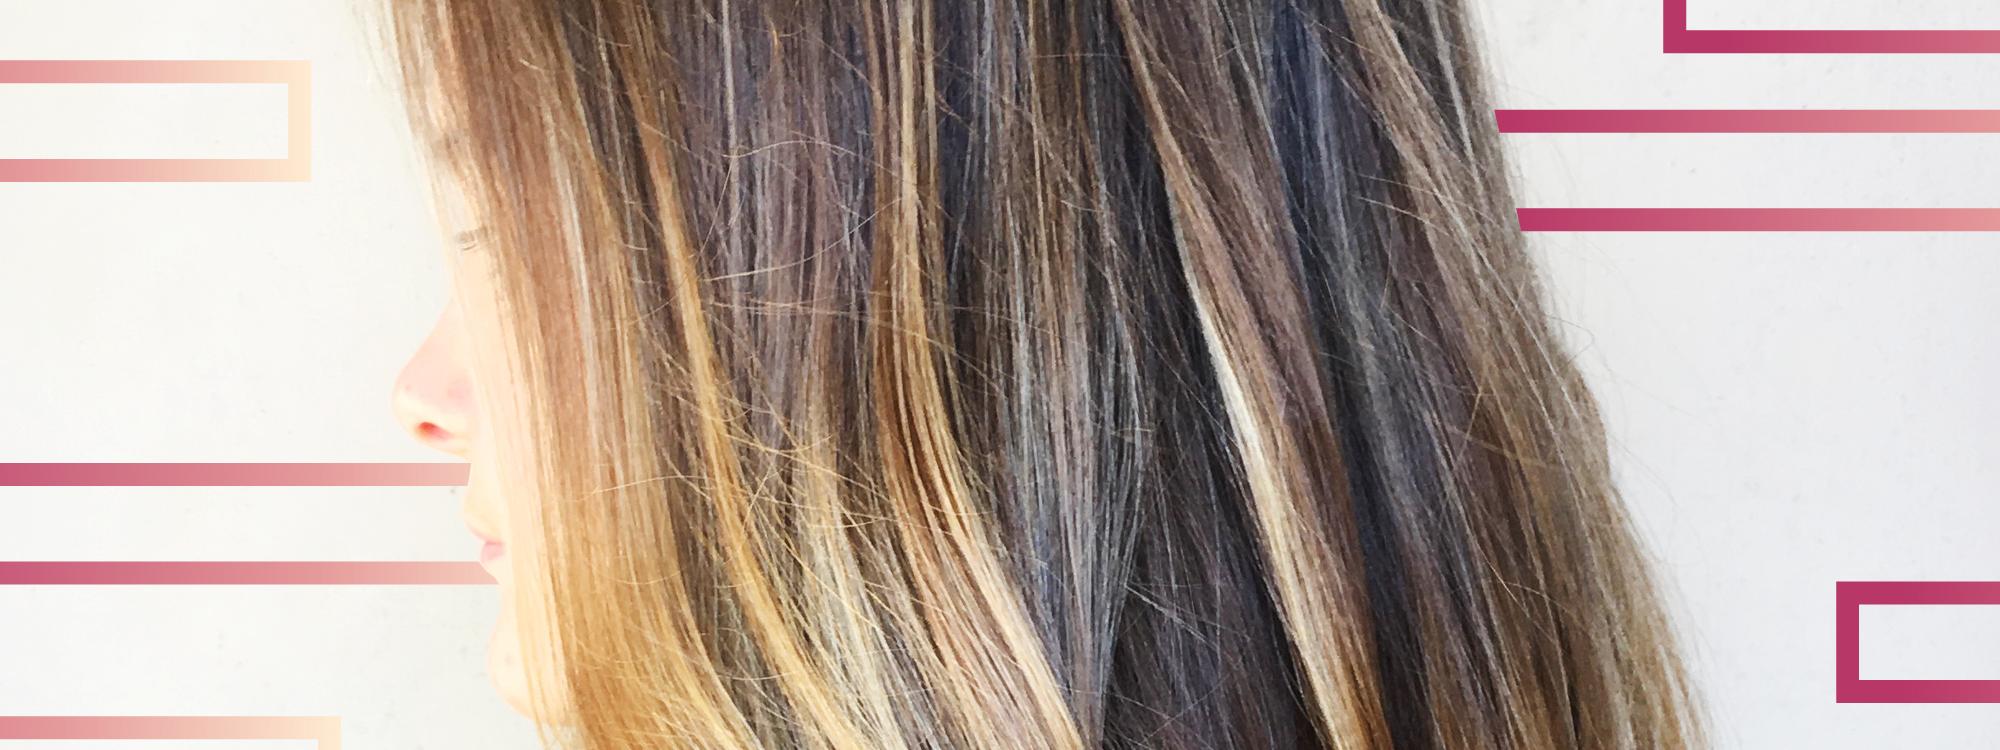 Meche blond caramel pinnable hair color ideas for short - Meche caramel ...